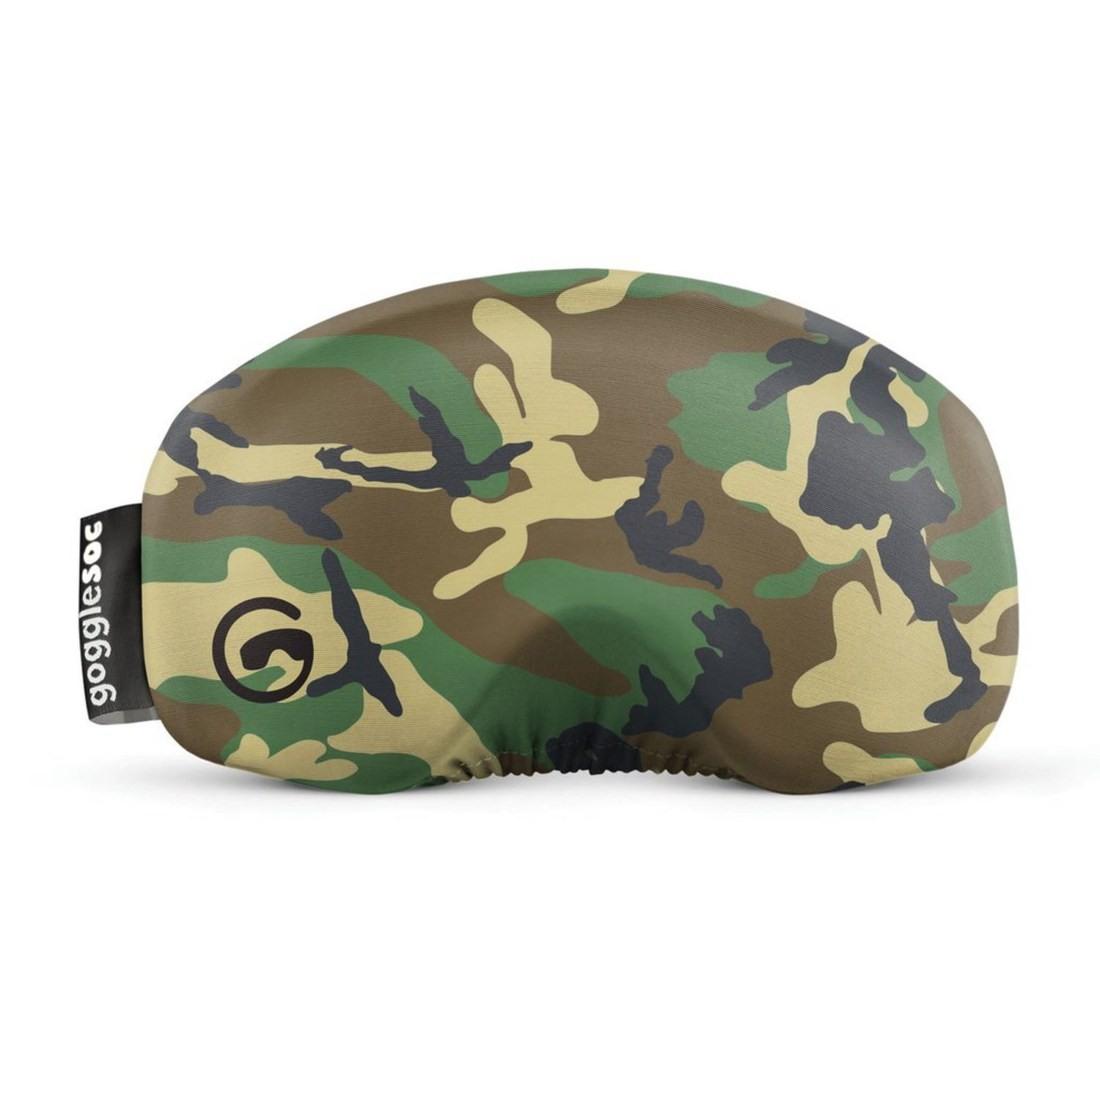 ゴーグルソック gogglesoc オリジナル ゴーグルカバー  国内正規品